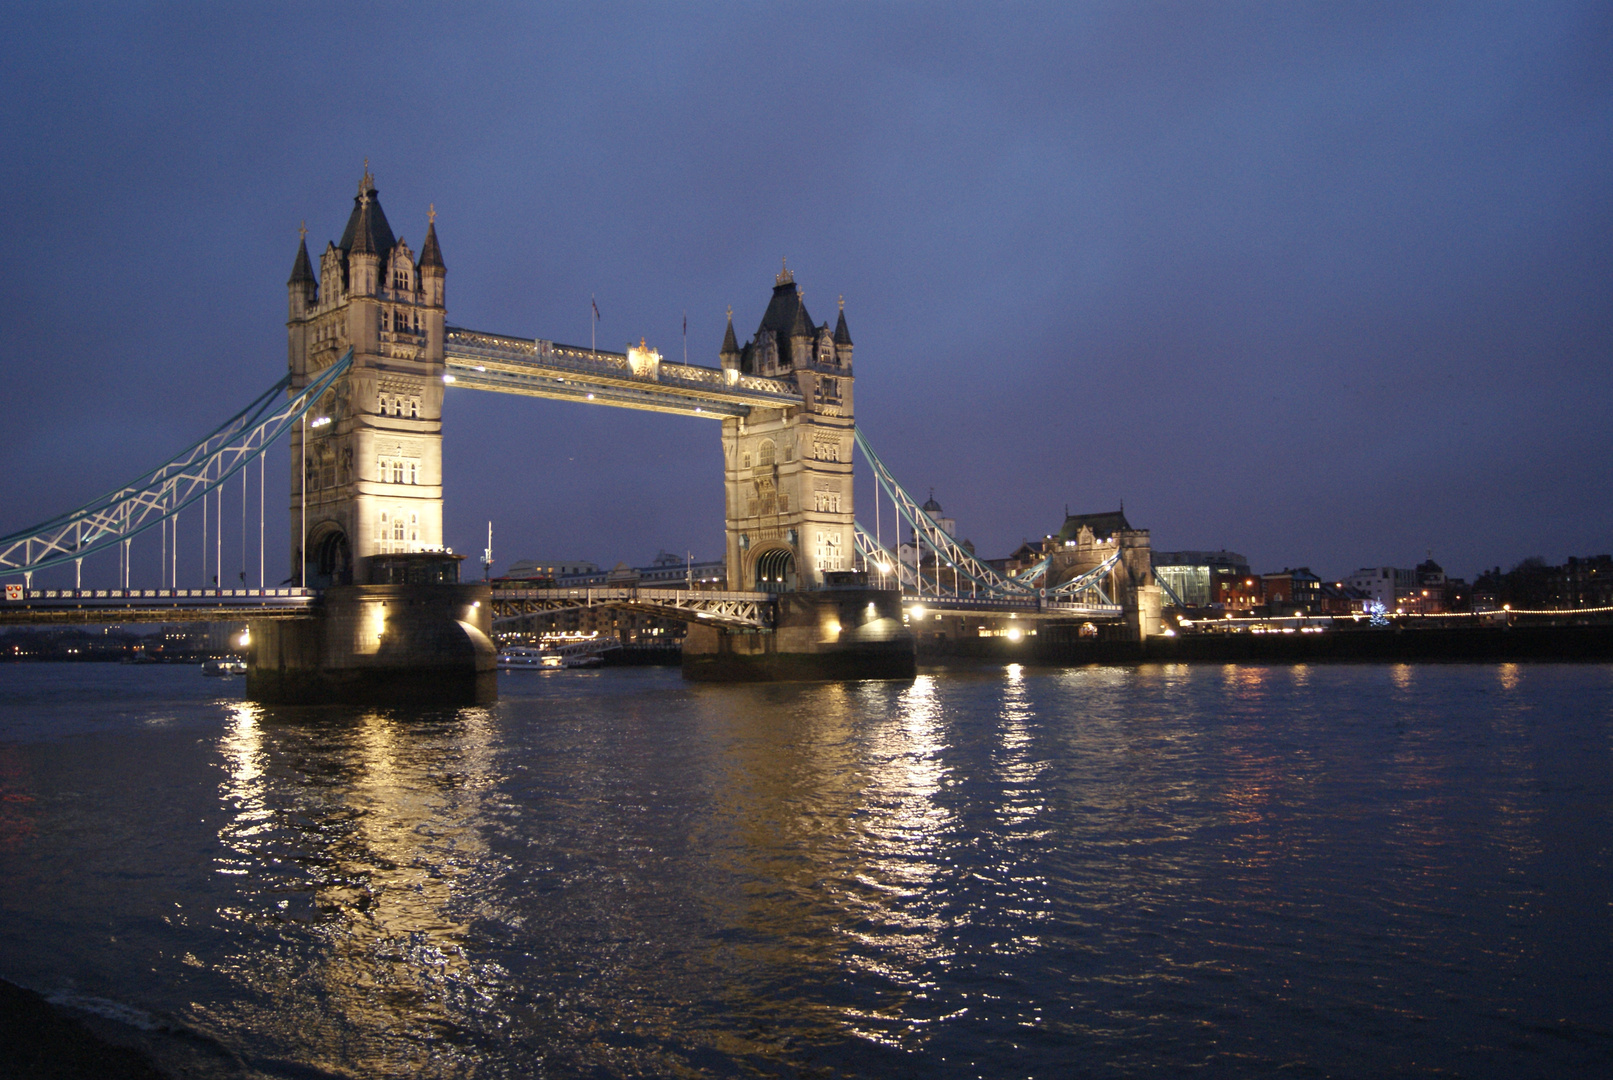 Tower bridge et ses lumières nocturnes, Londres